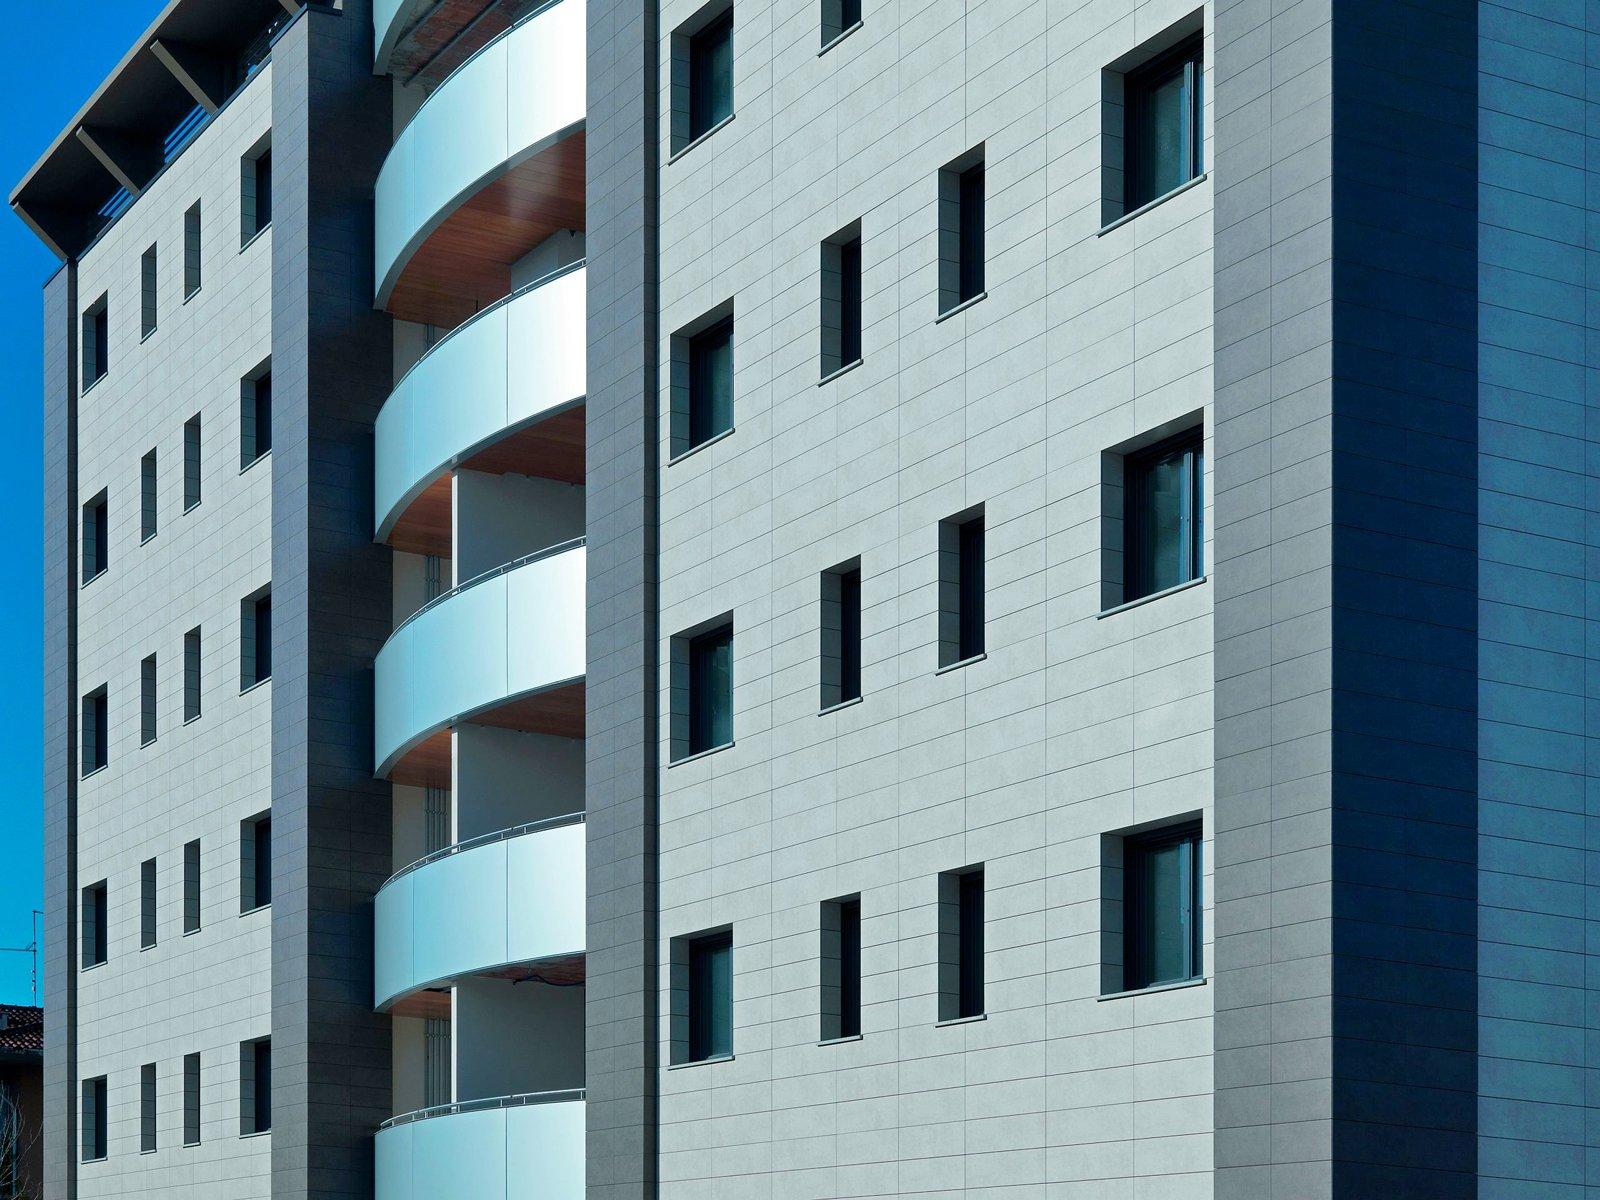 Isolamento termico per migliorare la casa cose di casa - Contromobile ikea ...